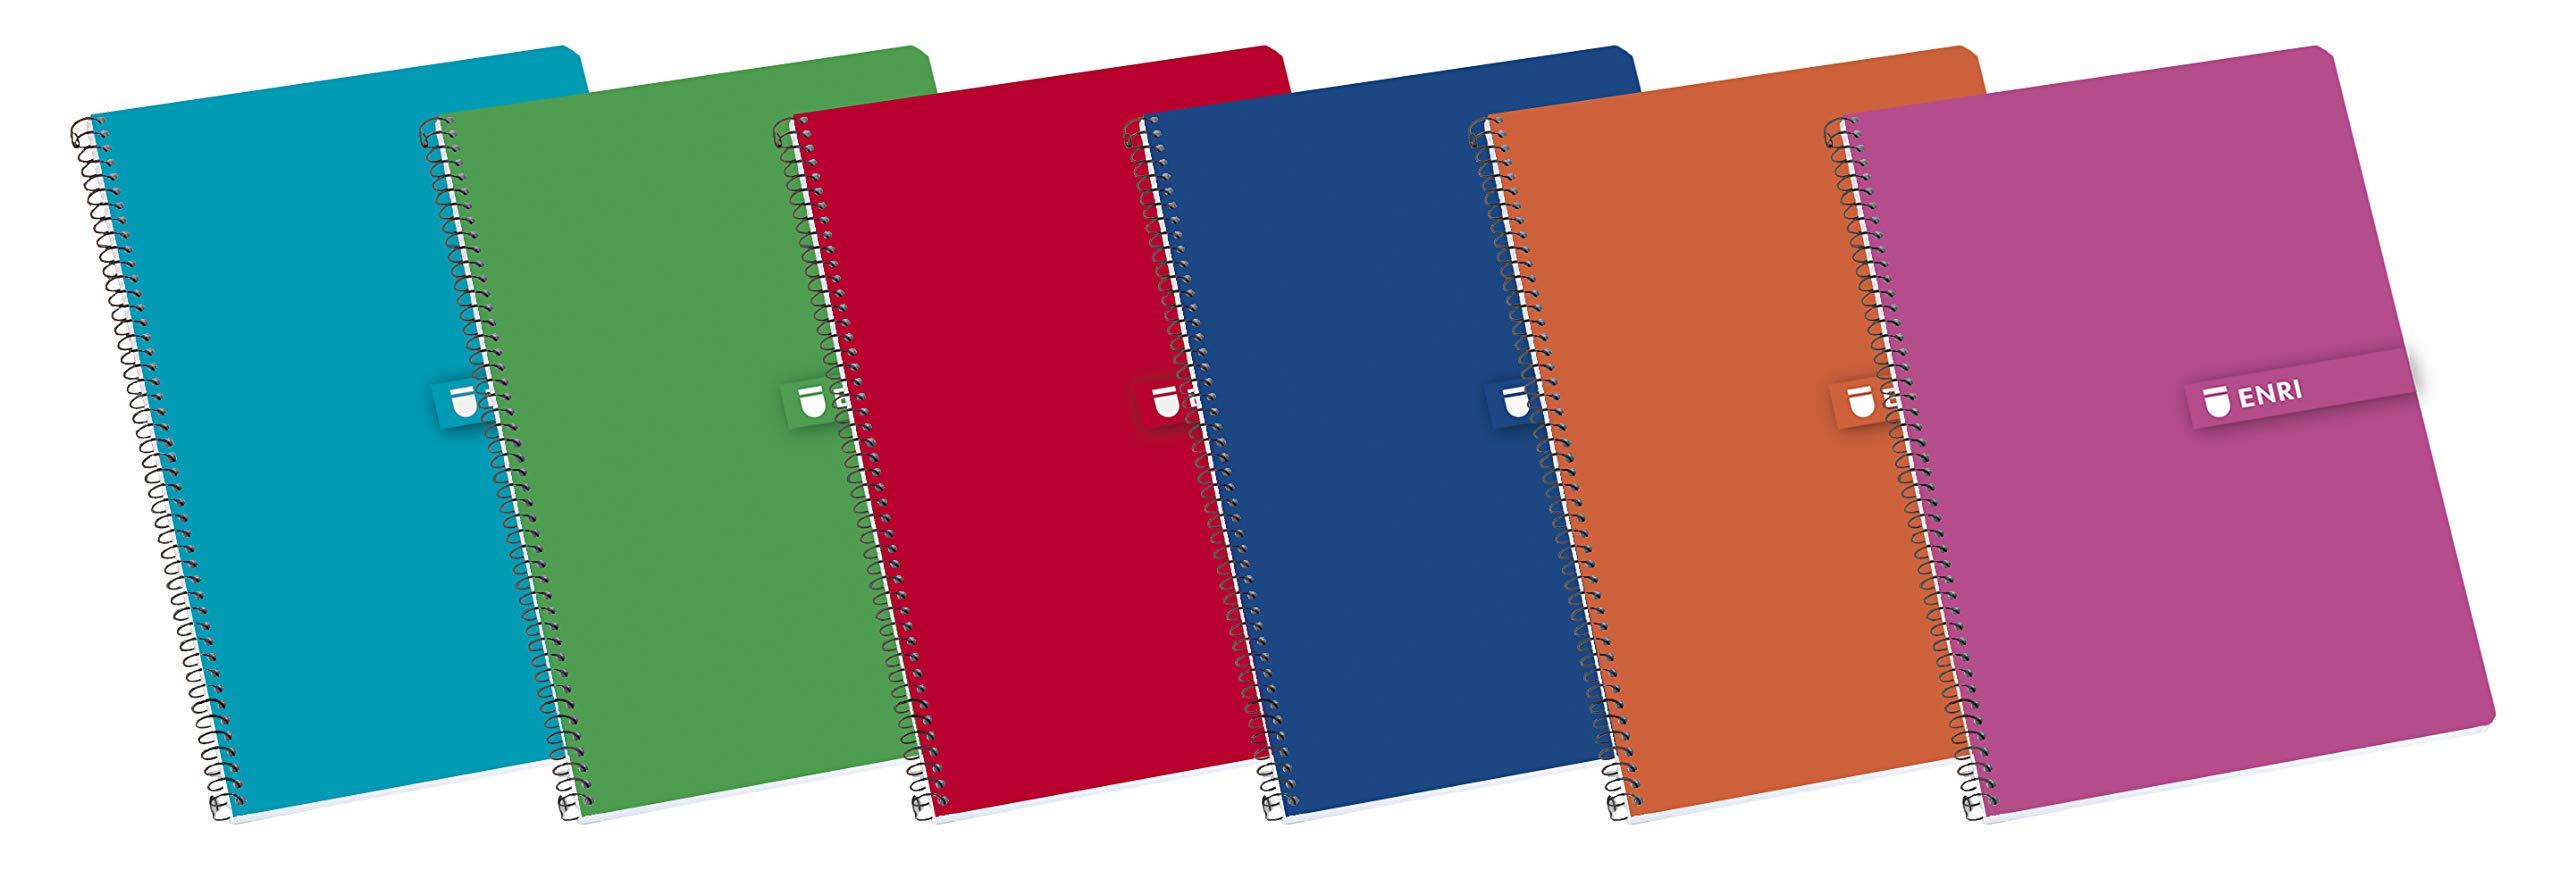 Enri 100430067 - Pack de 5 cuadernos espiral, tapa dura, Fº: Amazon.es: Oficina y papelería